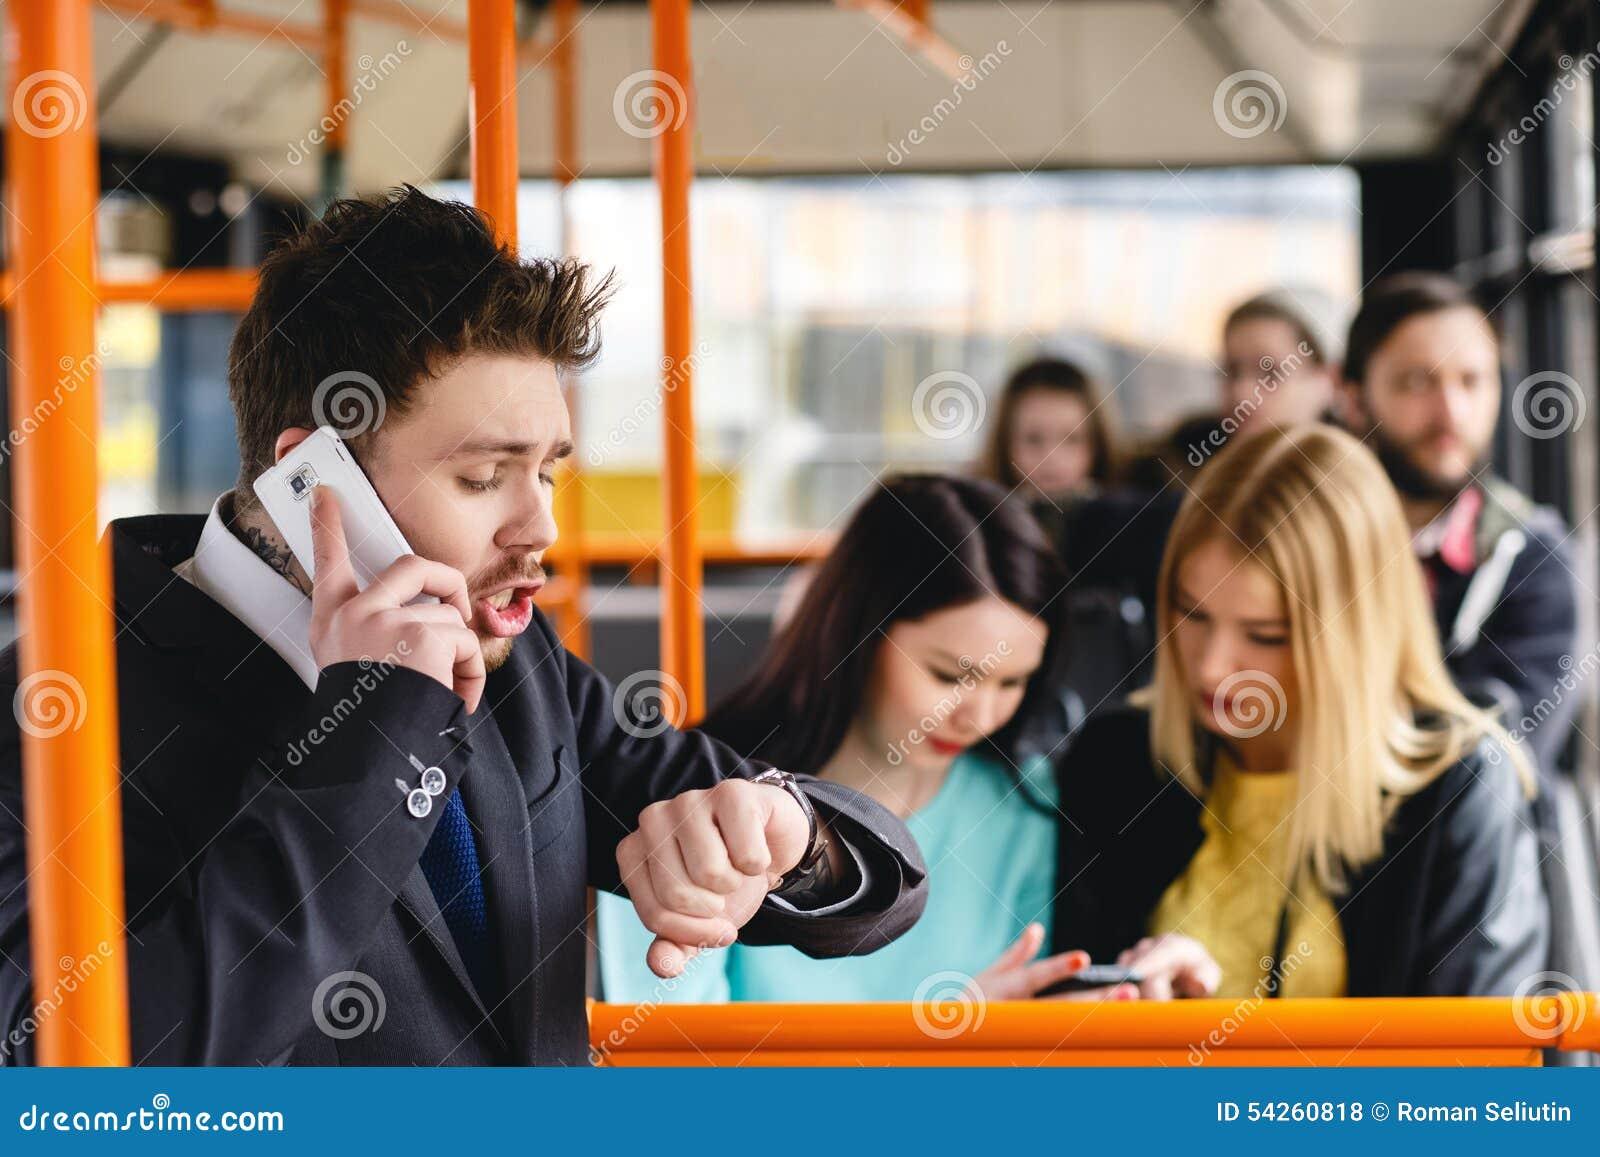 Homme parlant au téléphone portable, transport en commun